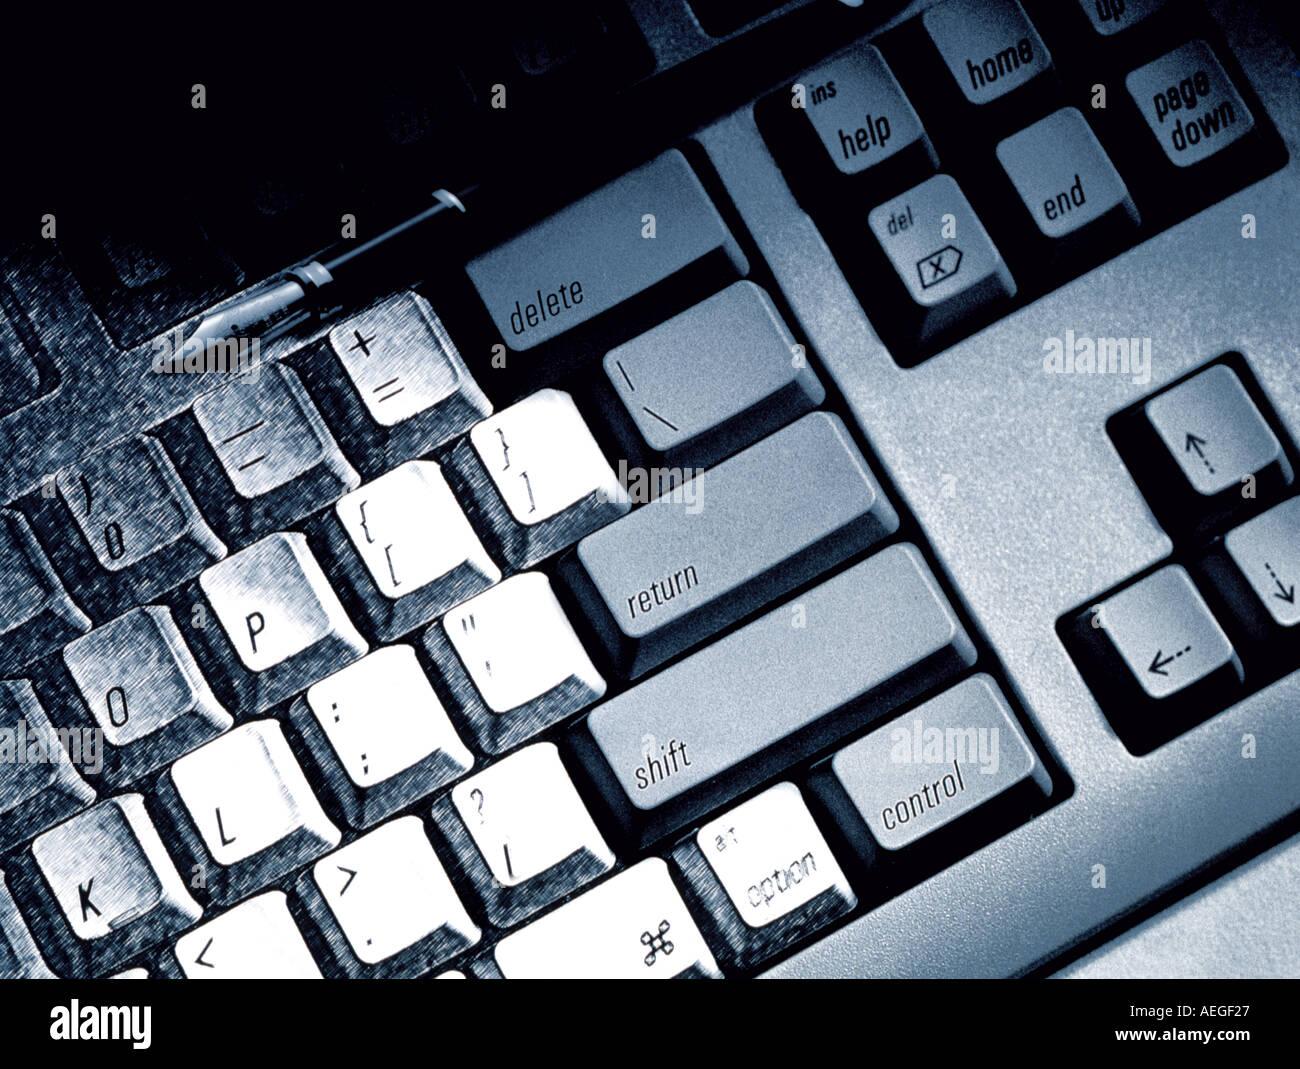 Noir blanc bureau b w les touches du clavier de l'ordinateur de la technologie d'entrée de texture de fond divers Photo Stock